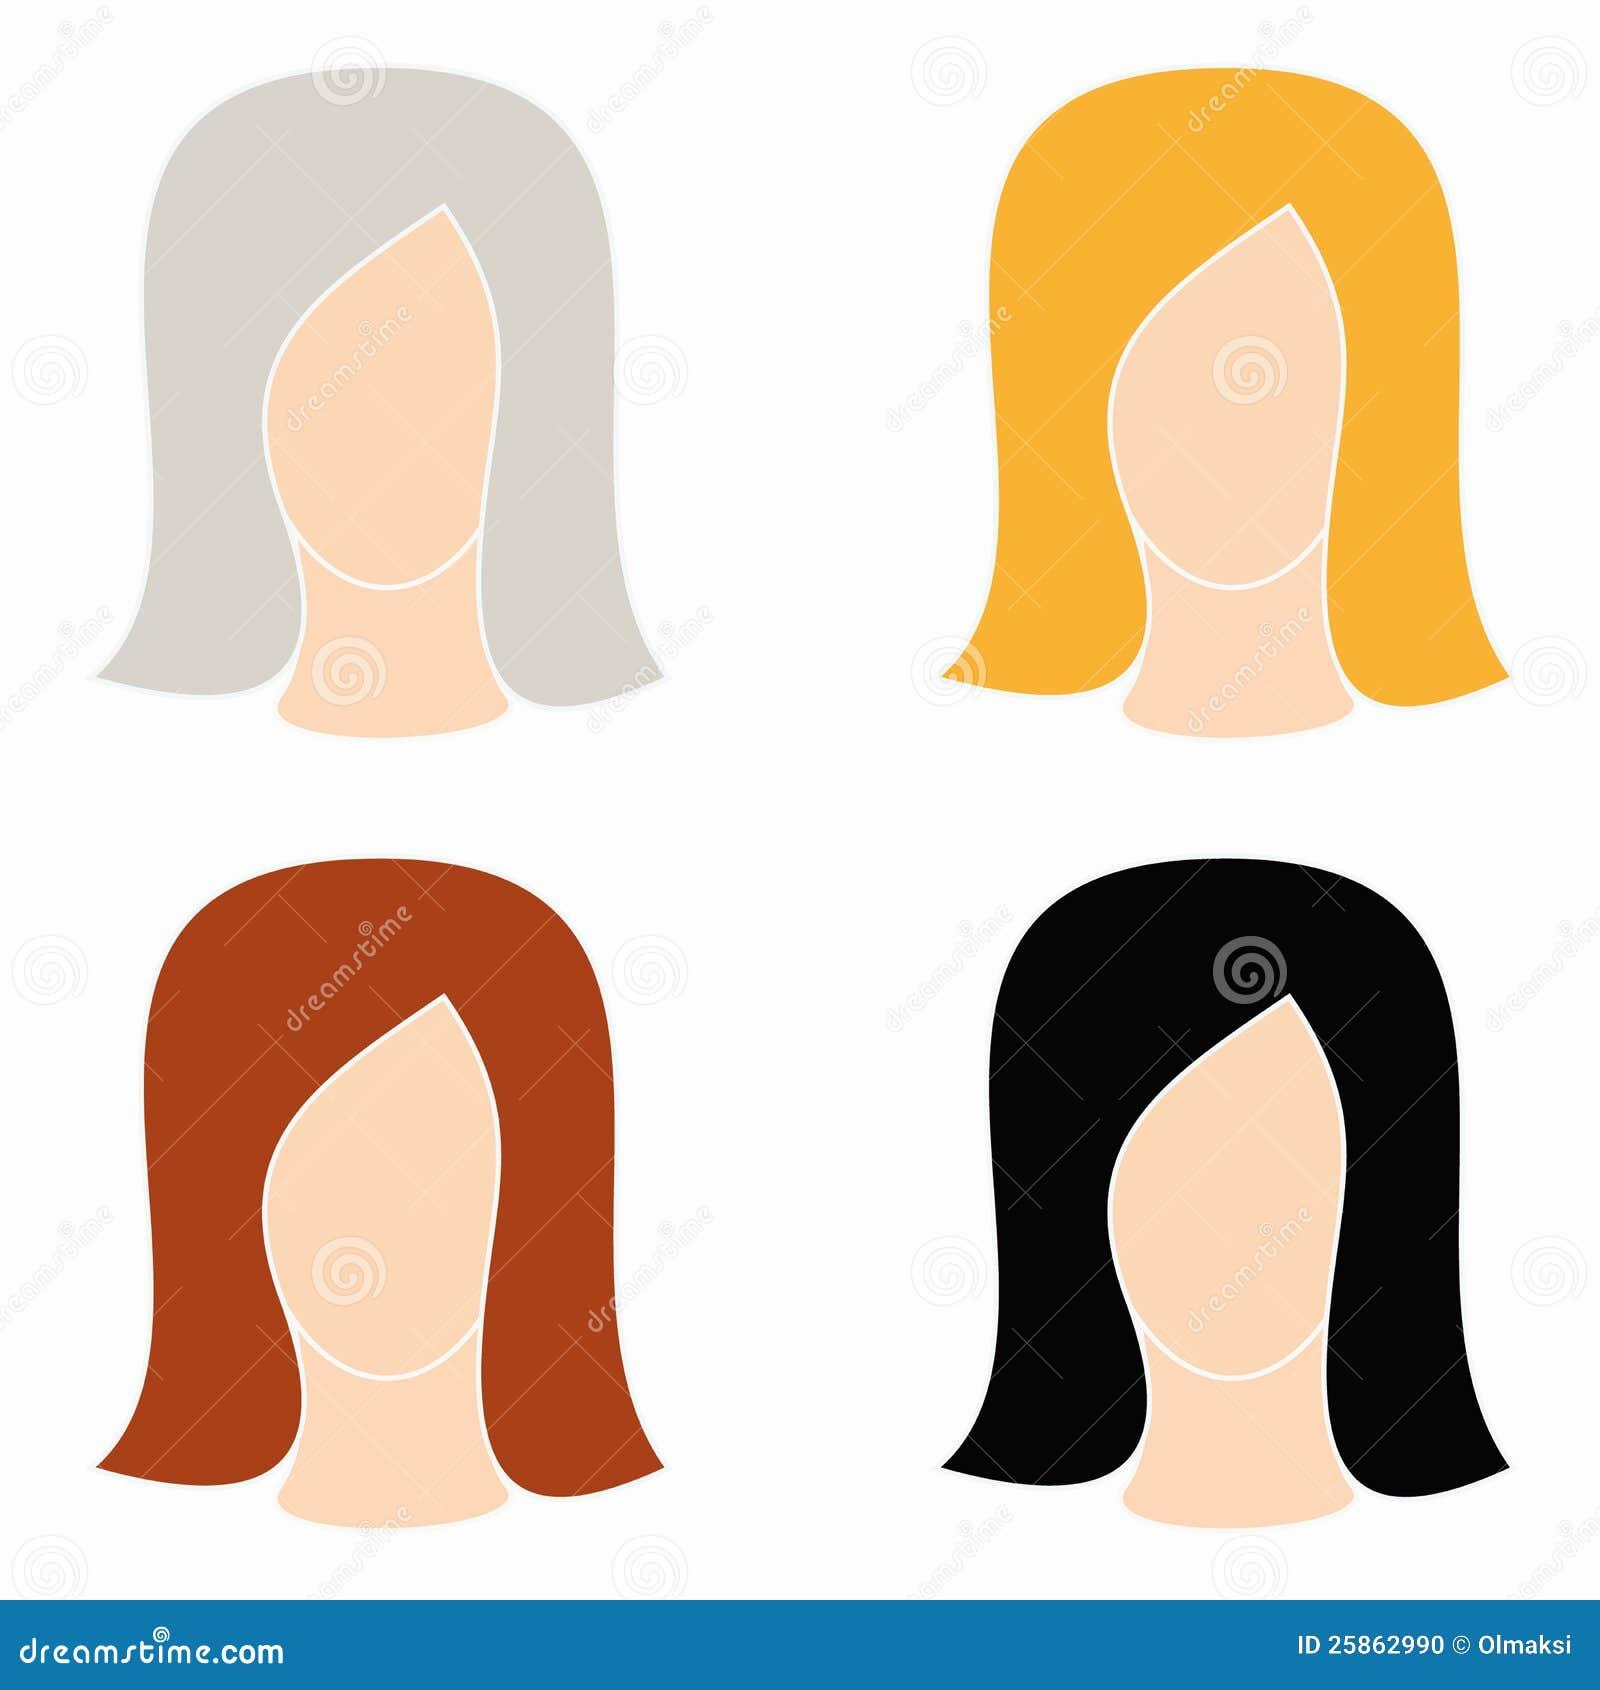 mujeres icono: